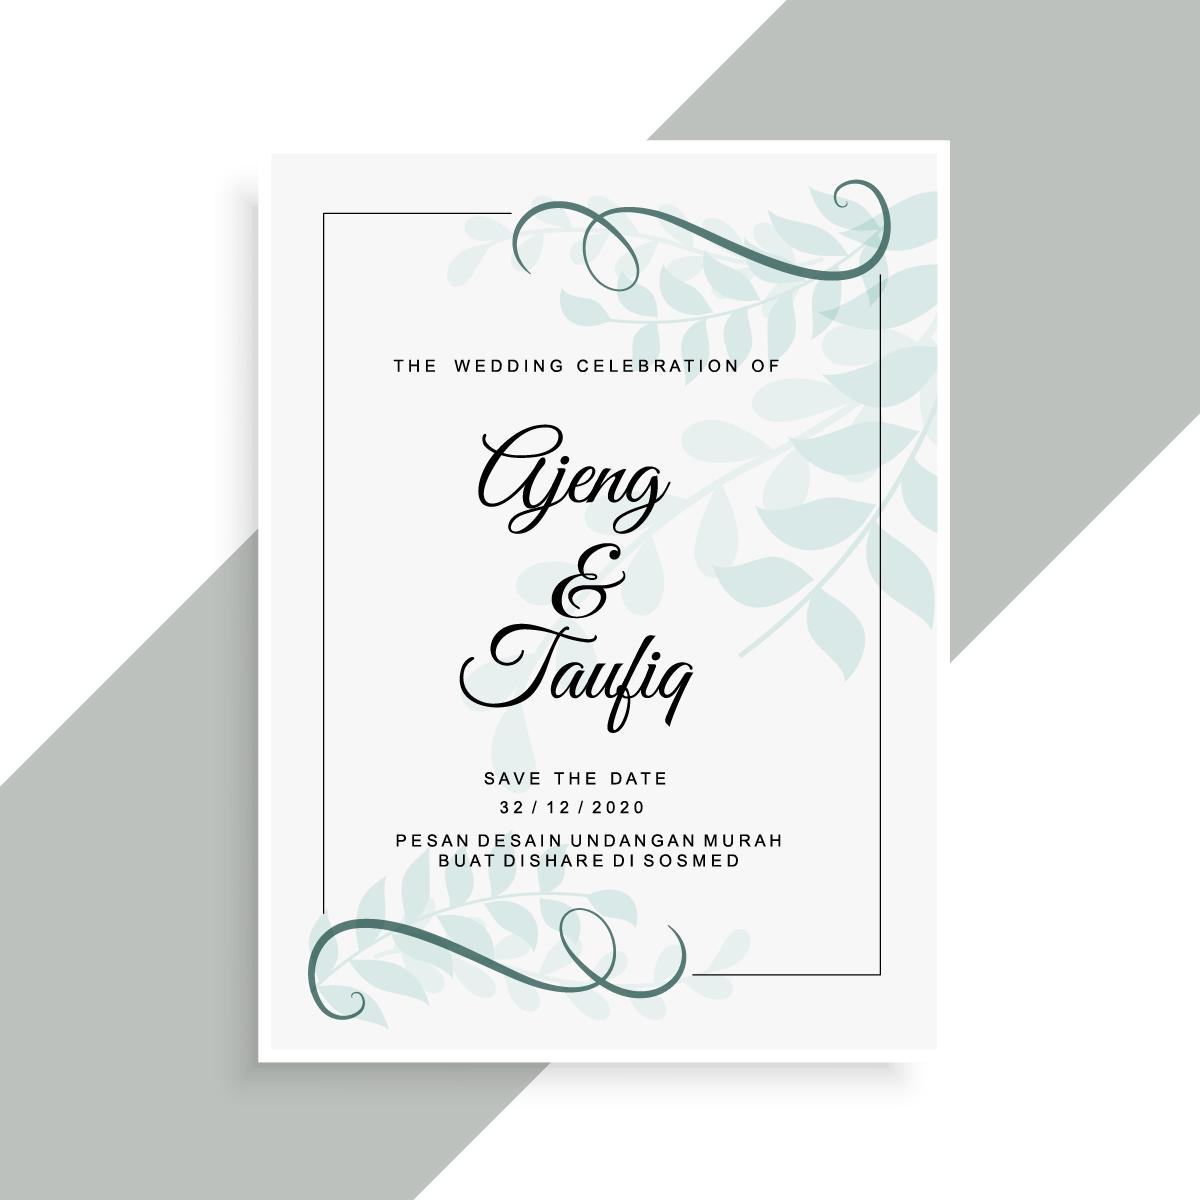 Contoh Hasil Pemesanan Desain Undangan Pernikahan